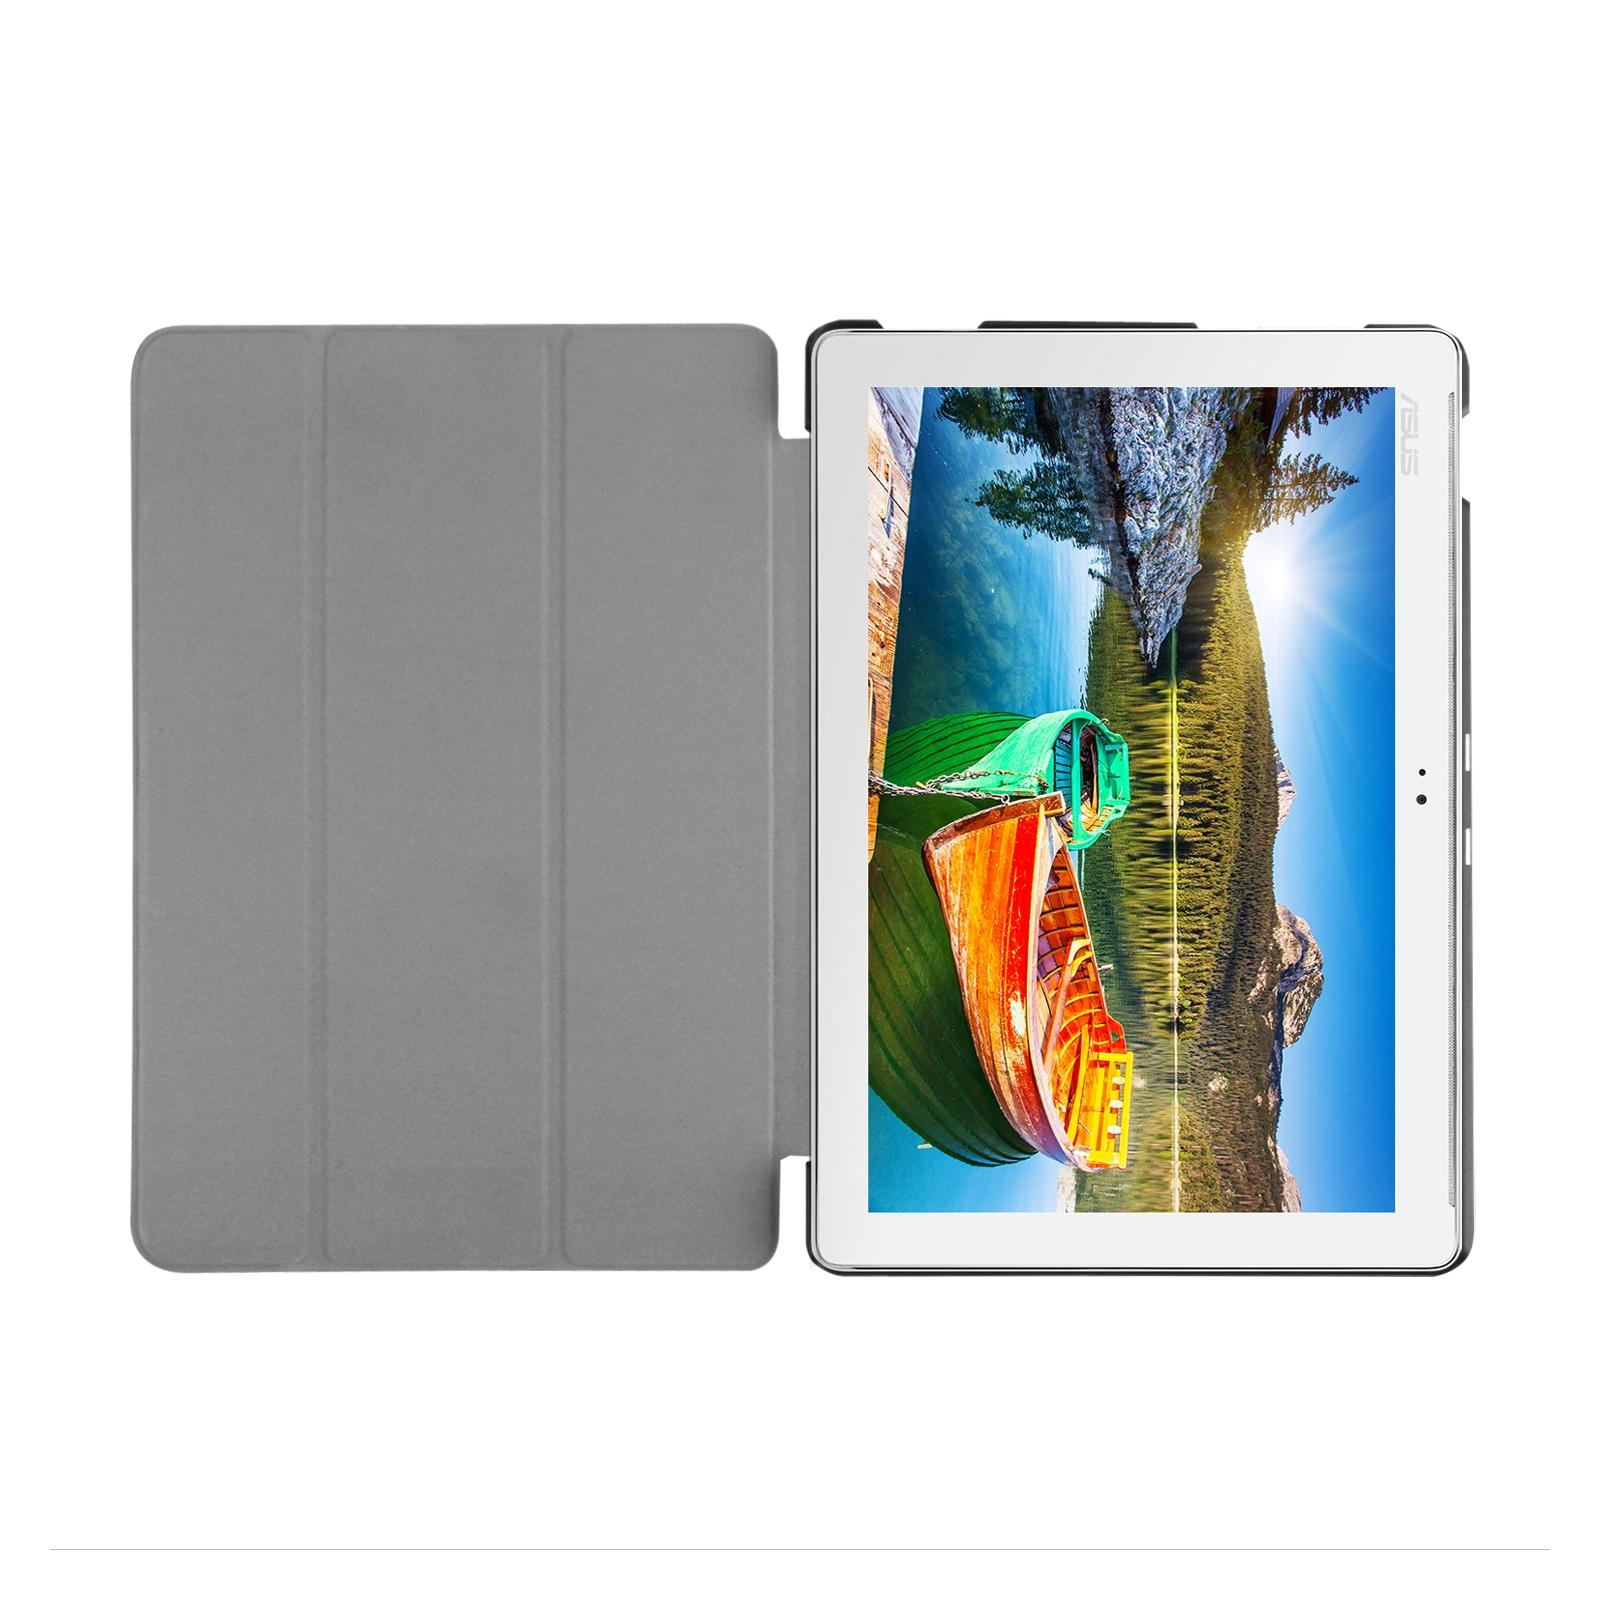 Чехол для планшета AirOn для ASUS ZenPad 10 black (4822352777784) изображение 6